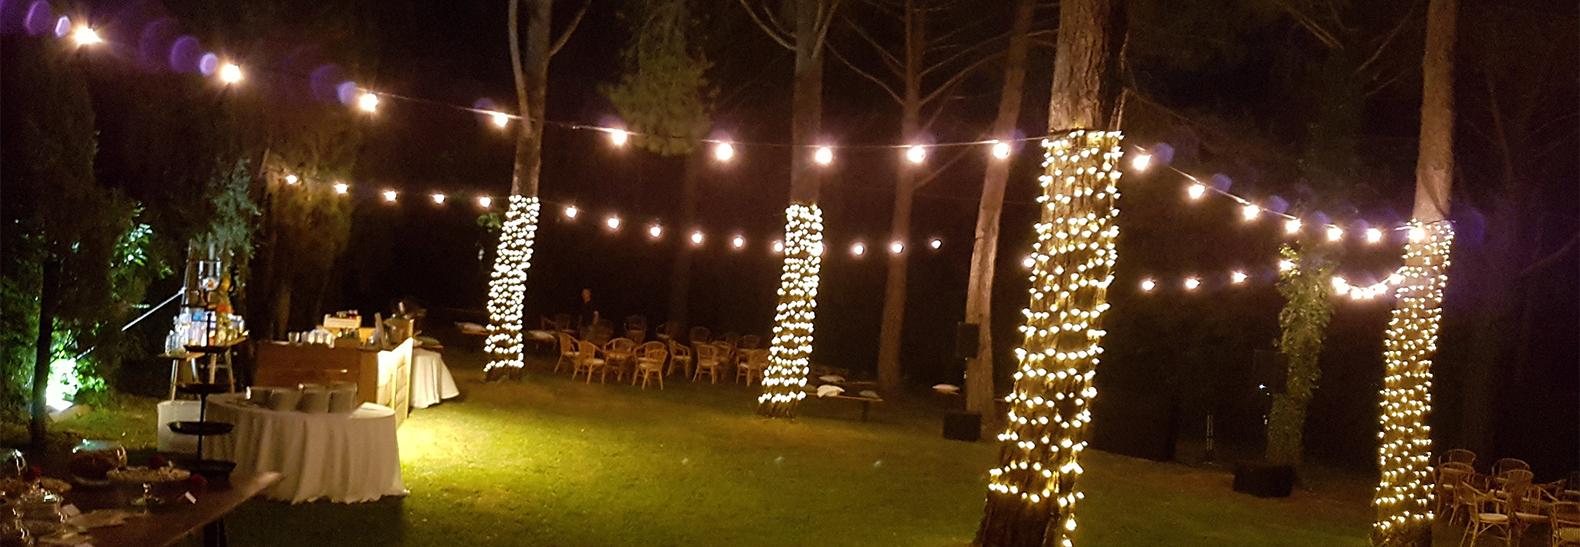 Matrimonio Nel Bosco Toscana : Come organizzare un matrimonio nel bosco in toscana abbazia di